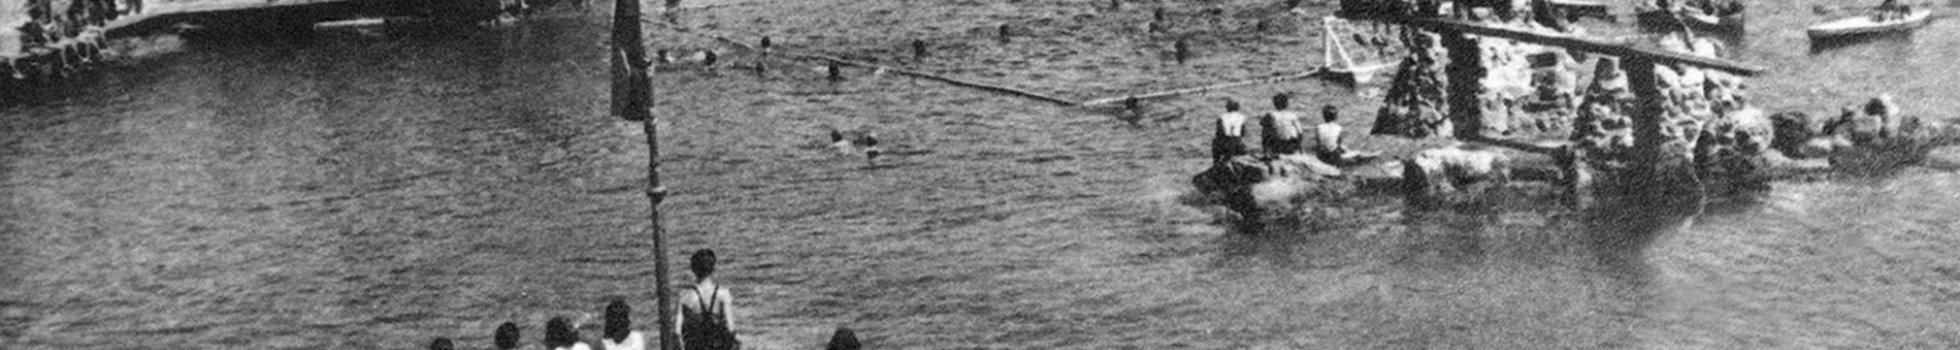 El waterpolo a Sant Feliu